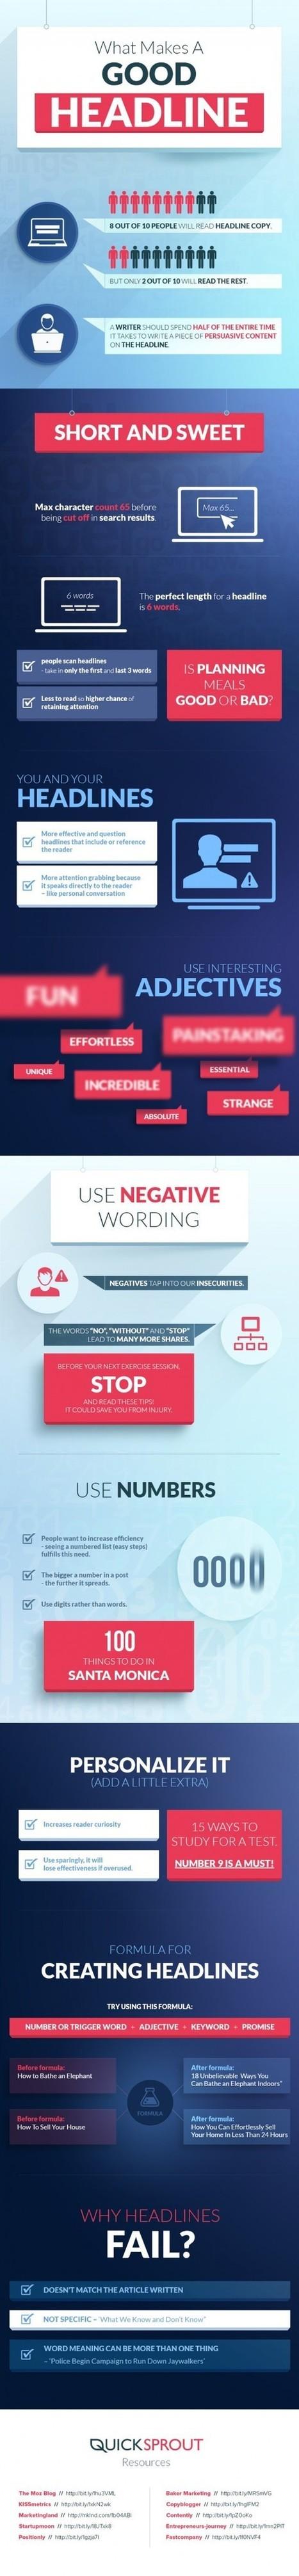 Quelle est la Formule pour Créer le Titre Parfait d'un Article ? | Be Marketing 3.0 | Scoop.it